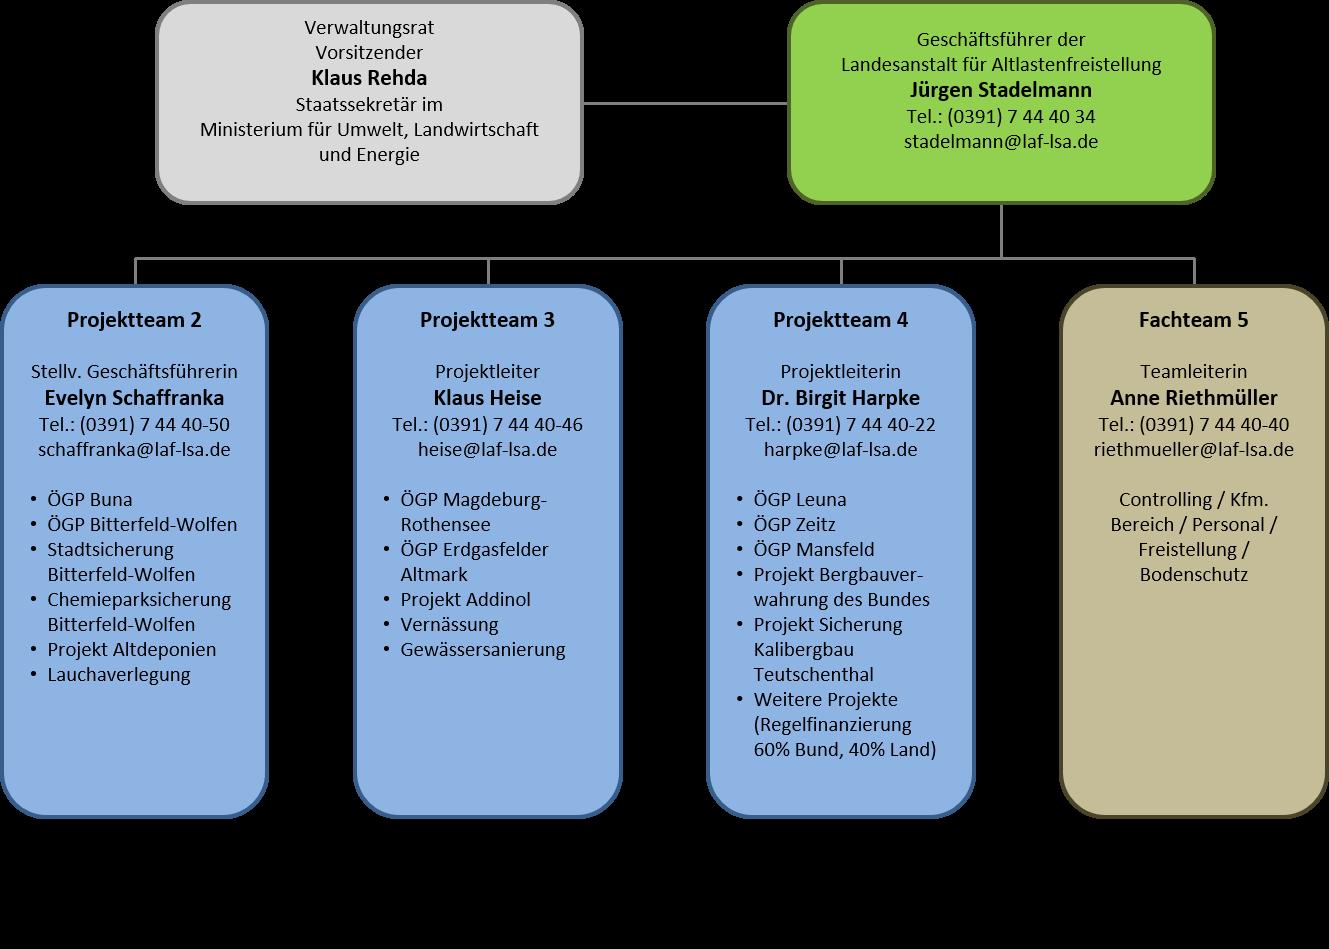 Organigramm der Landesanstalt für Altlastenfreistellung